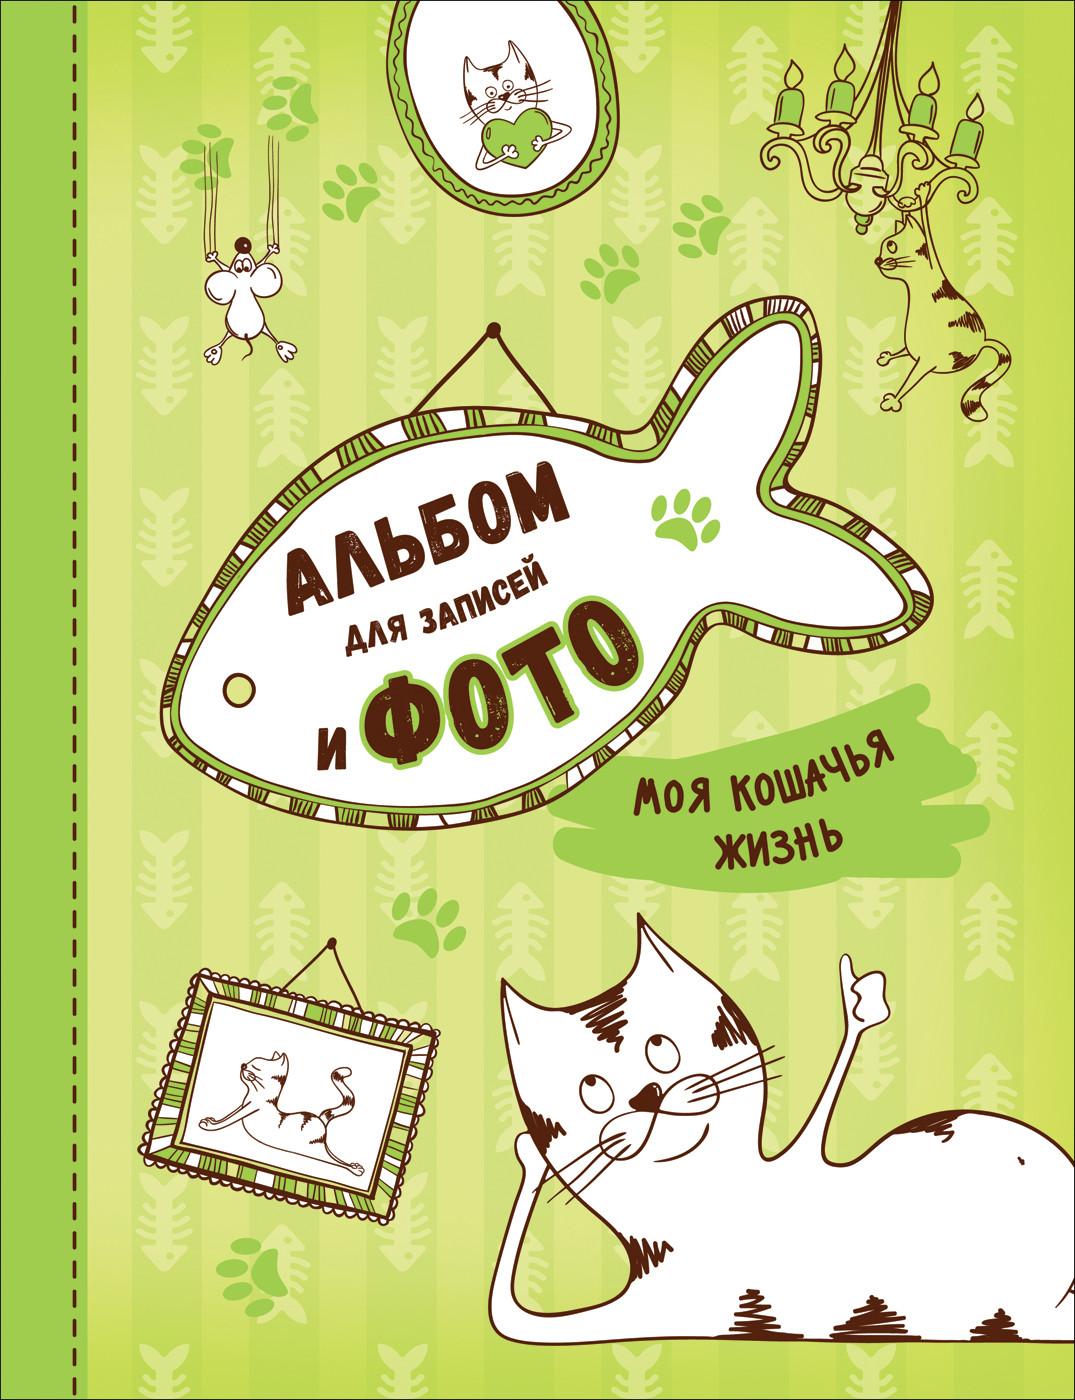 Котятова Н. И. Моя кошачья жизнь. Альбом для записей и фото